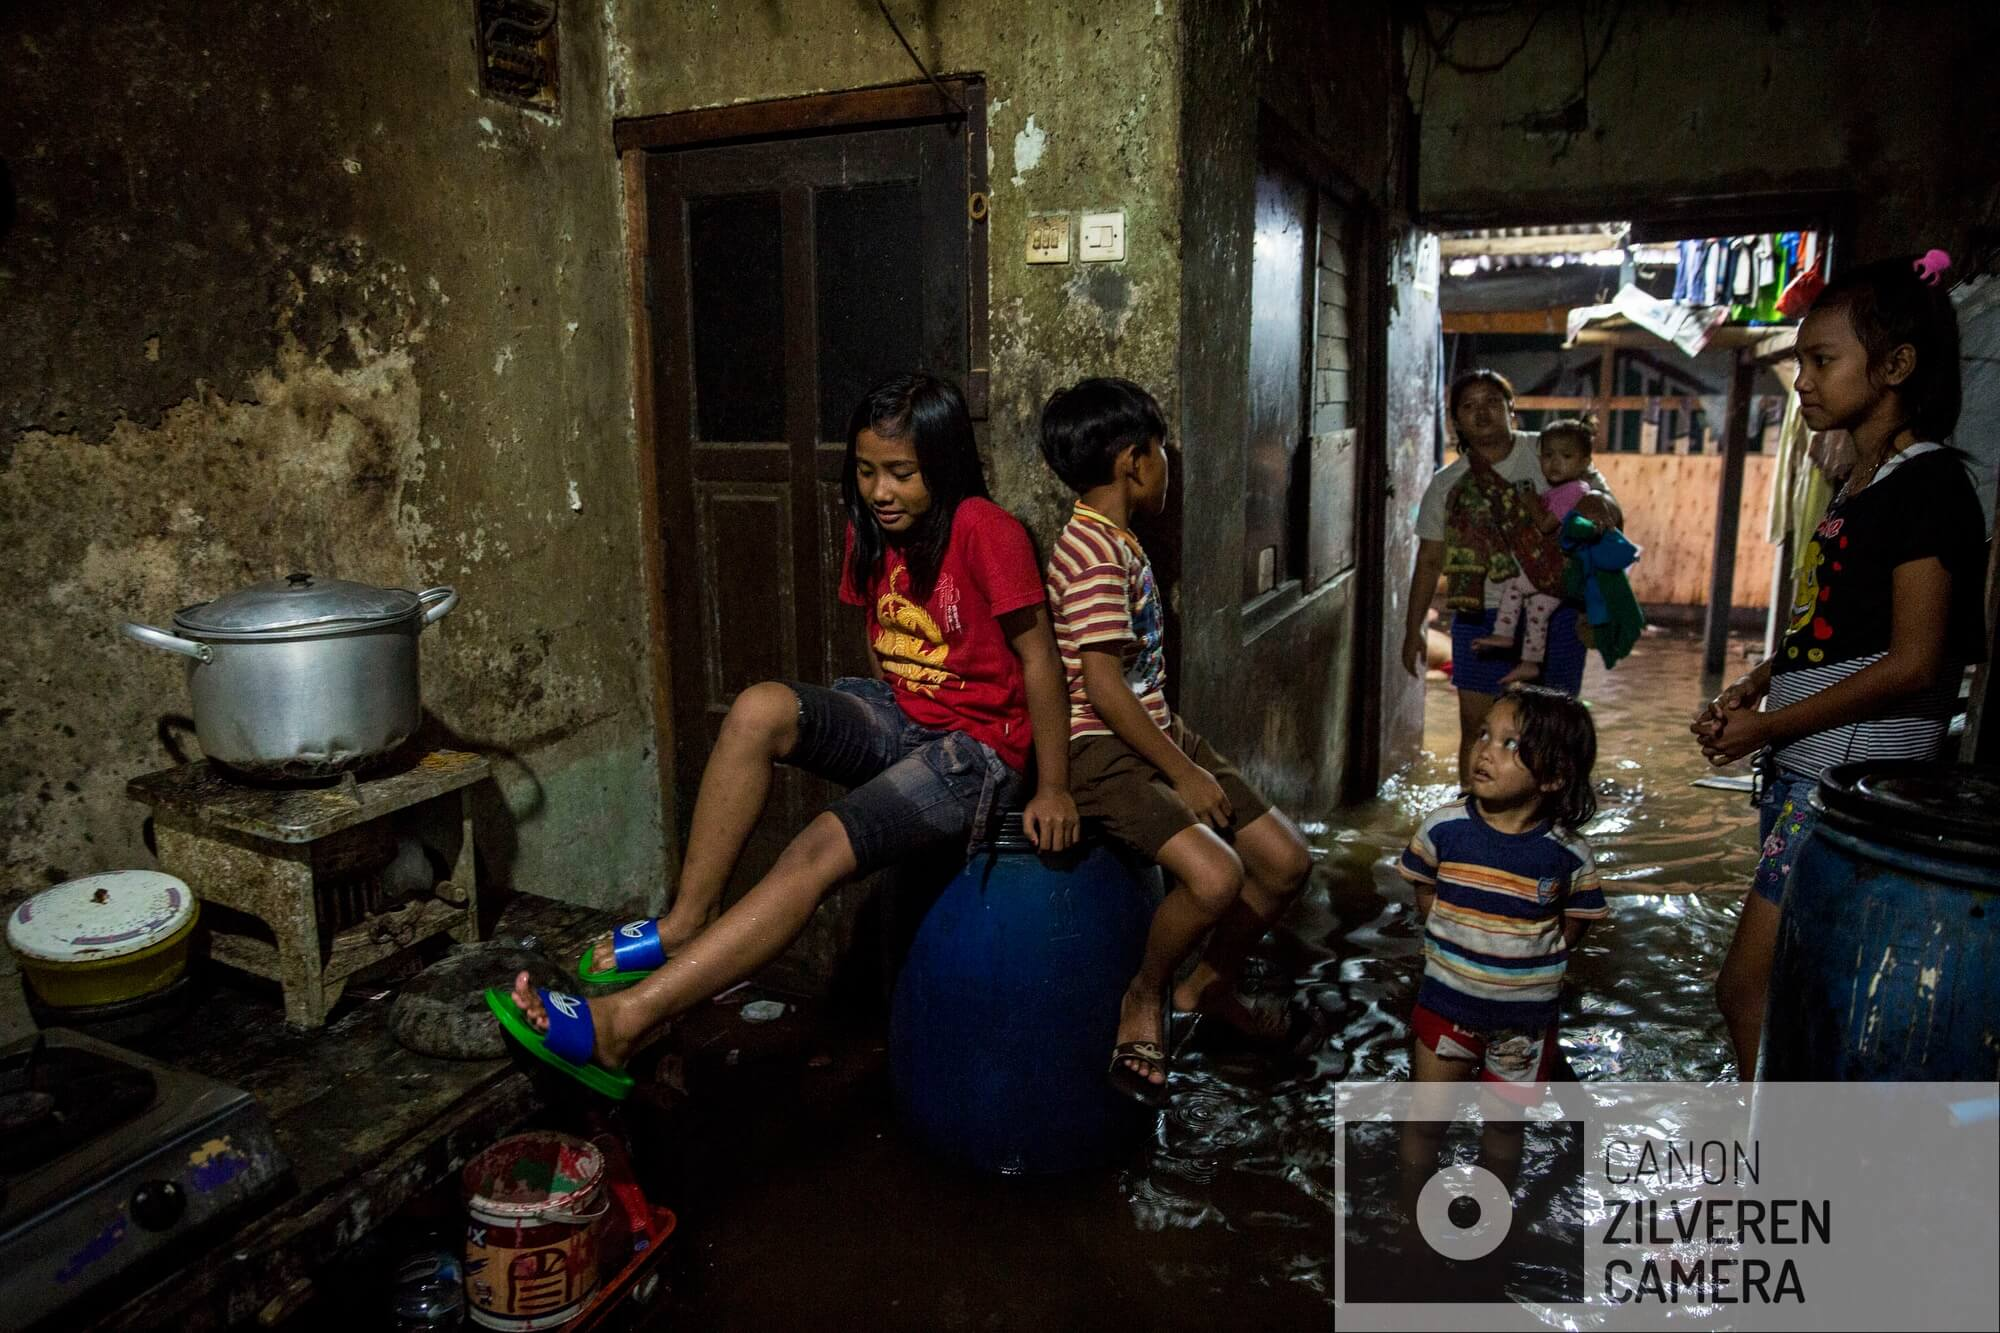 Jakarta zinkt snel, tussen 10-25 centimeter per jaar. Wanneer niets wordt gedaan zal de stad over 20-3- jaar voor een derde permanent onder water staan. Veel water gerelateerde problemen worden toegeschreven aan klimaatverandering en de verwachte zeespiegelstijging die daarmee samenhangt. Bodemdaling is onbekend en zal de absolute zeespiegelstijging tot een factor 10 overschrijden. Jakarta vertrouwd op een oude zeewering om de stad te beschermen tegen zee. Echter door bodemdaling zinkt deze muur snel weg in de grond en biedt weinig bescherming tegen het water. Zware regenval en een hoge rivierwater stand zorgen nu al voor problemen: de stad is veranderd in een omgekeerd aquarium. De zee is niet meer het laagste punt, het water kan nergens meer heen.In de regentijd staat het grootste deel van de wijkf Kampung Aquarium permanent onder water. Scholen zijn dagenlang dicht en de kinderen spelen thuis in het vervuilde water. Serie gemaakt tussen 2015 en 2018